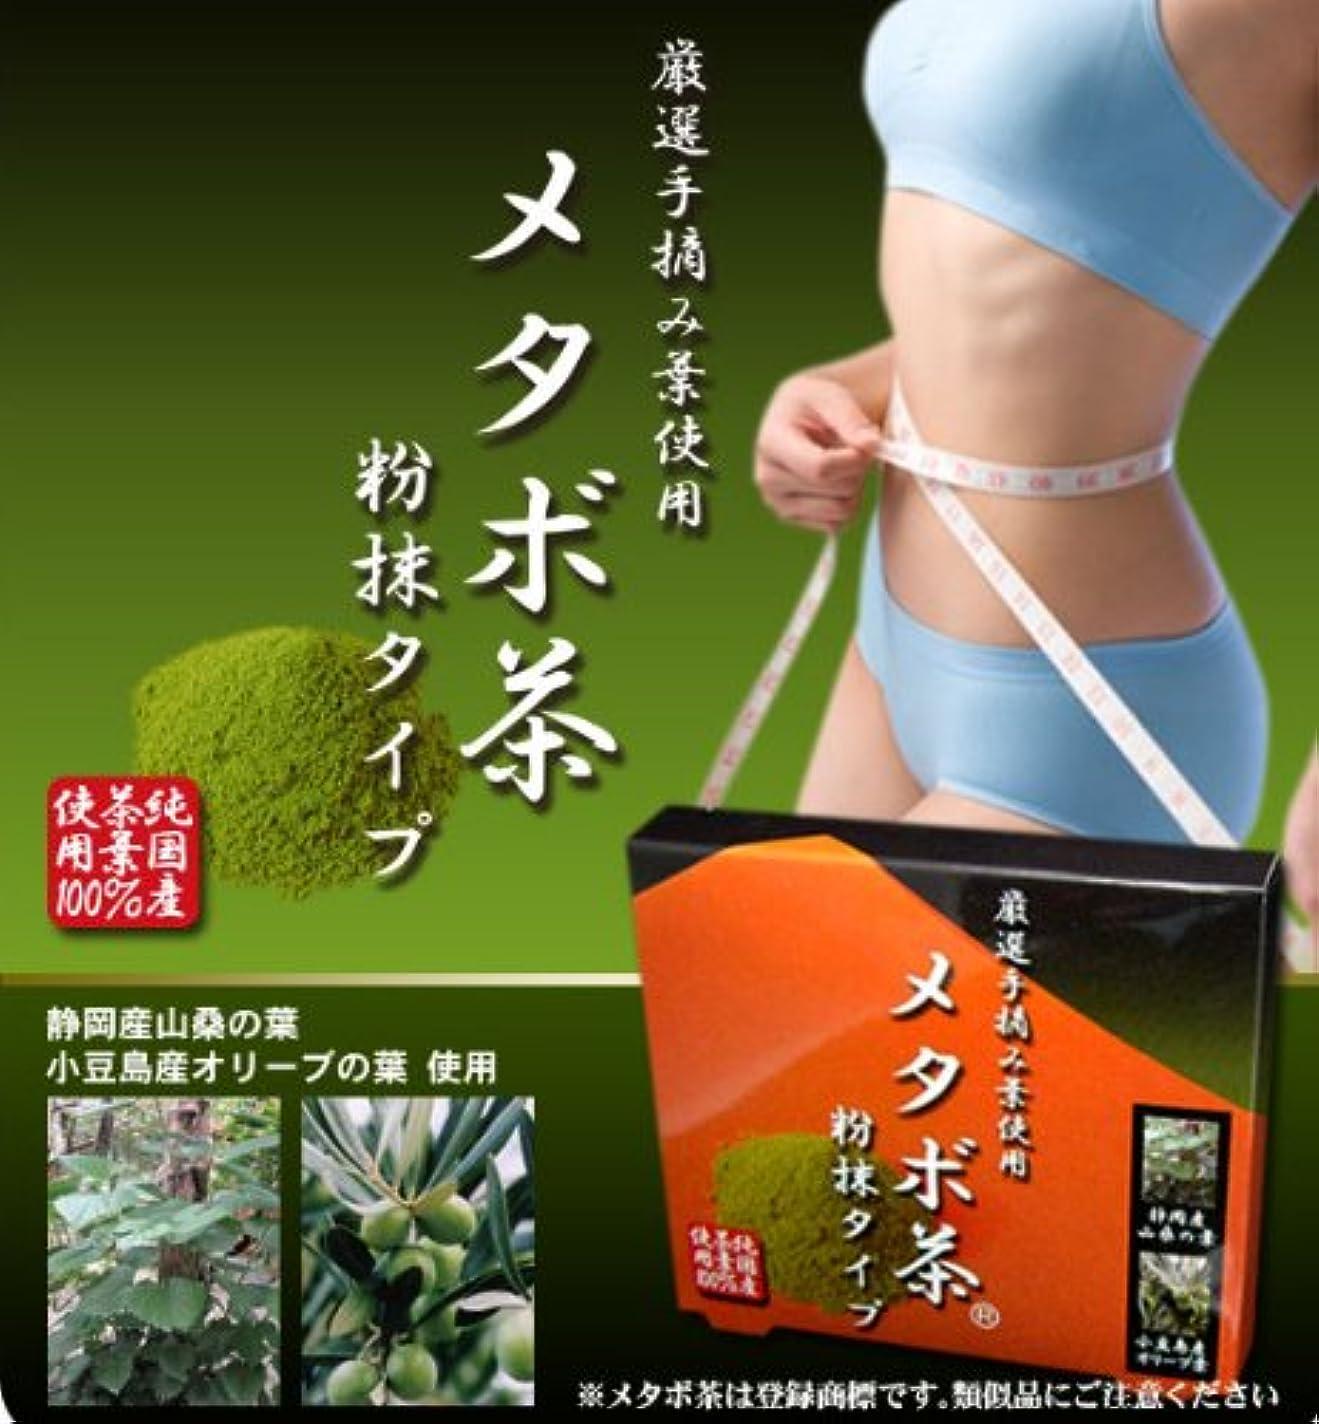 シングルサービス克服するメタボ茶粉抹タイプ 2個セット(完全無農薬 純国産茶葉100%使用ダイエット茶)